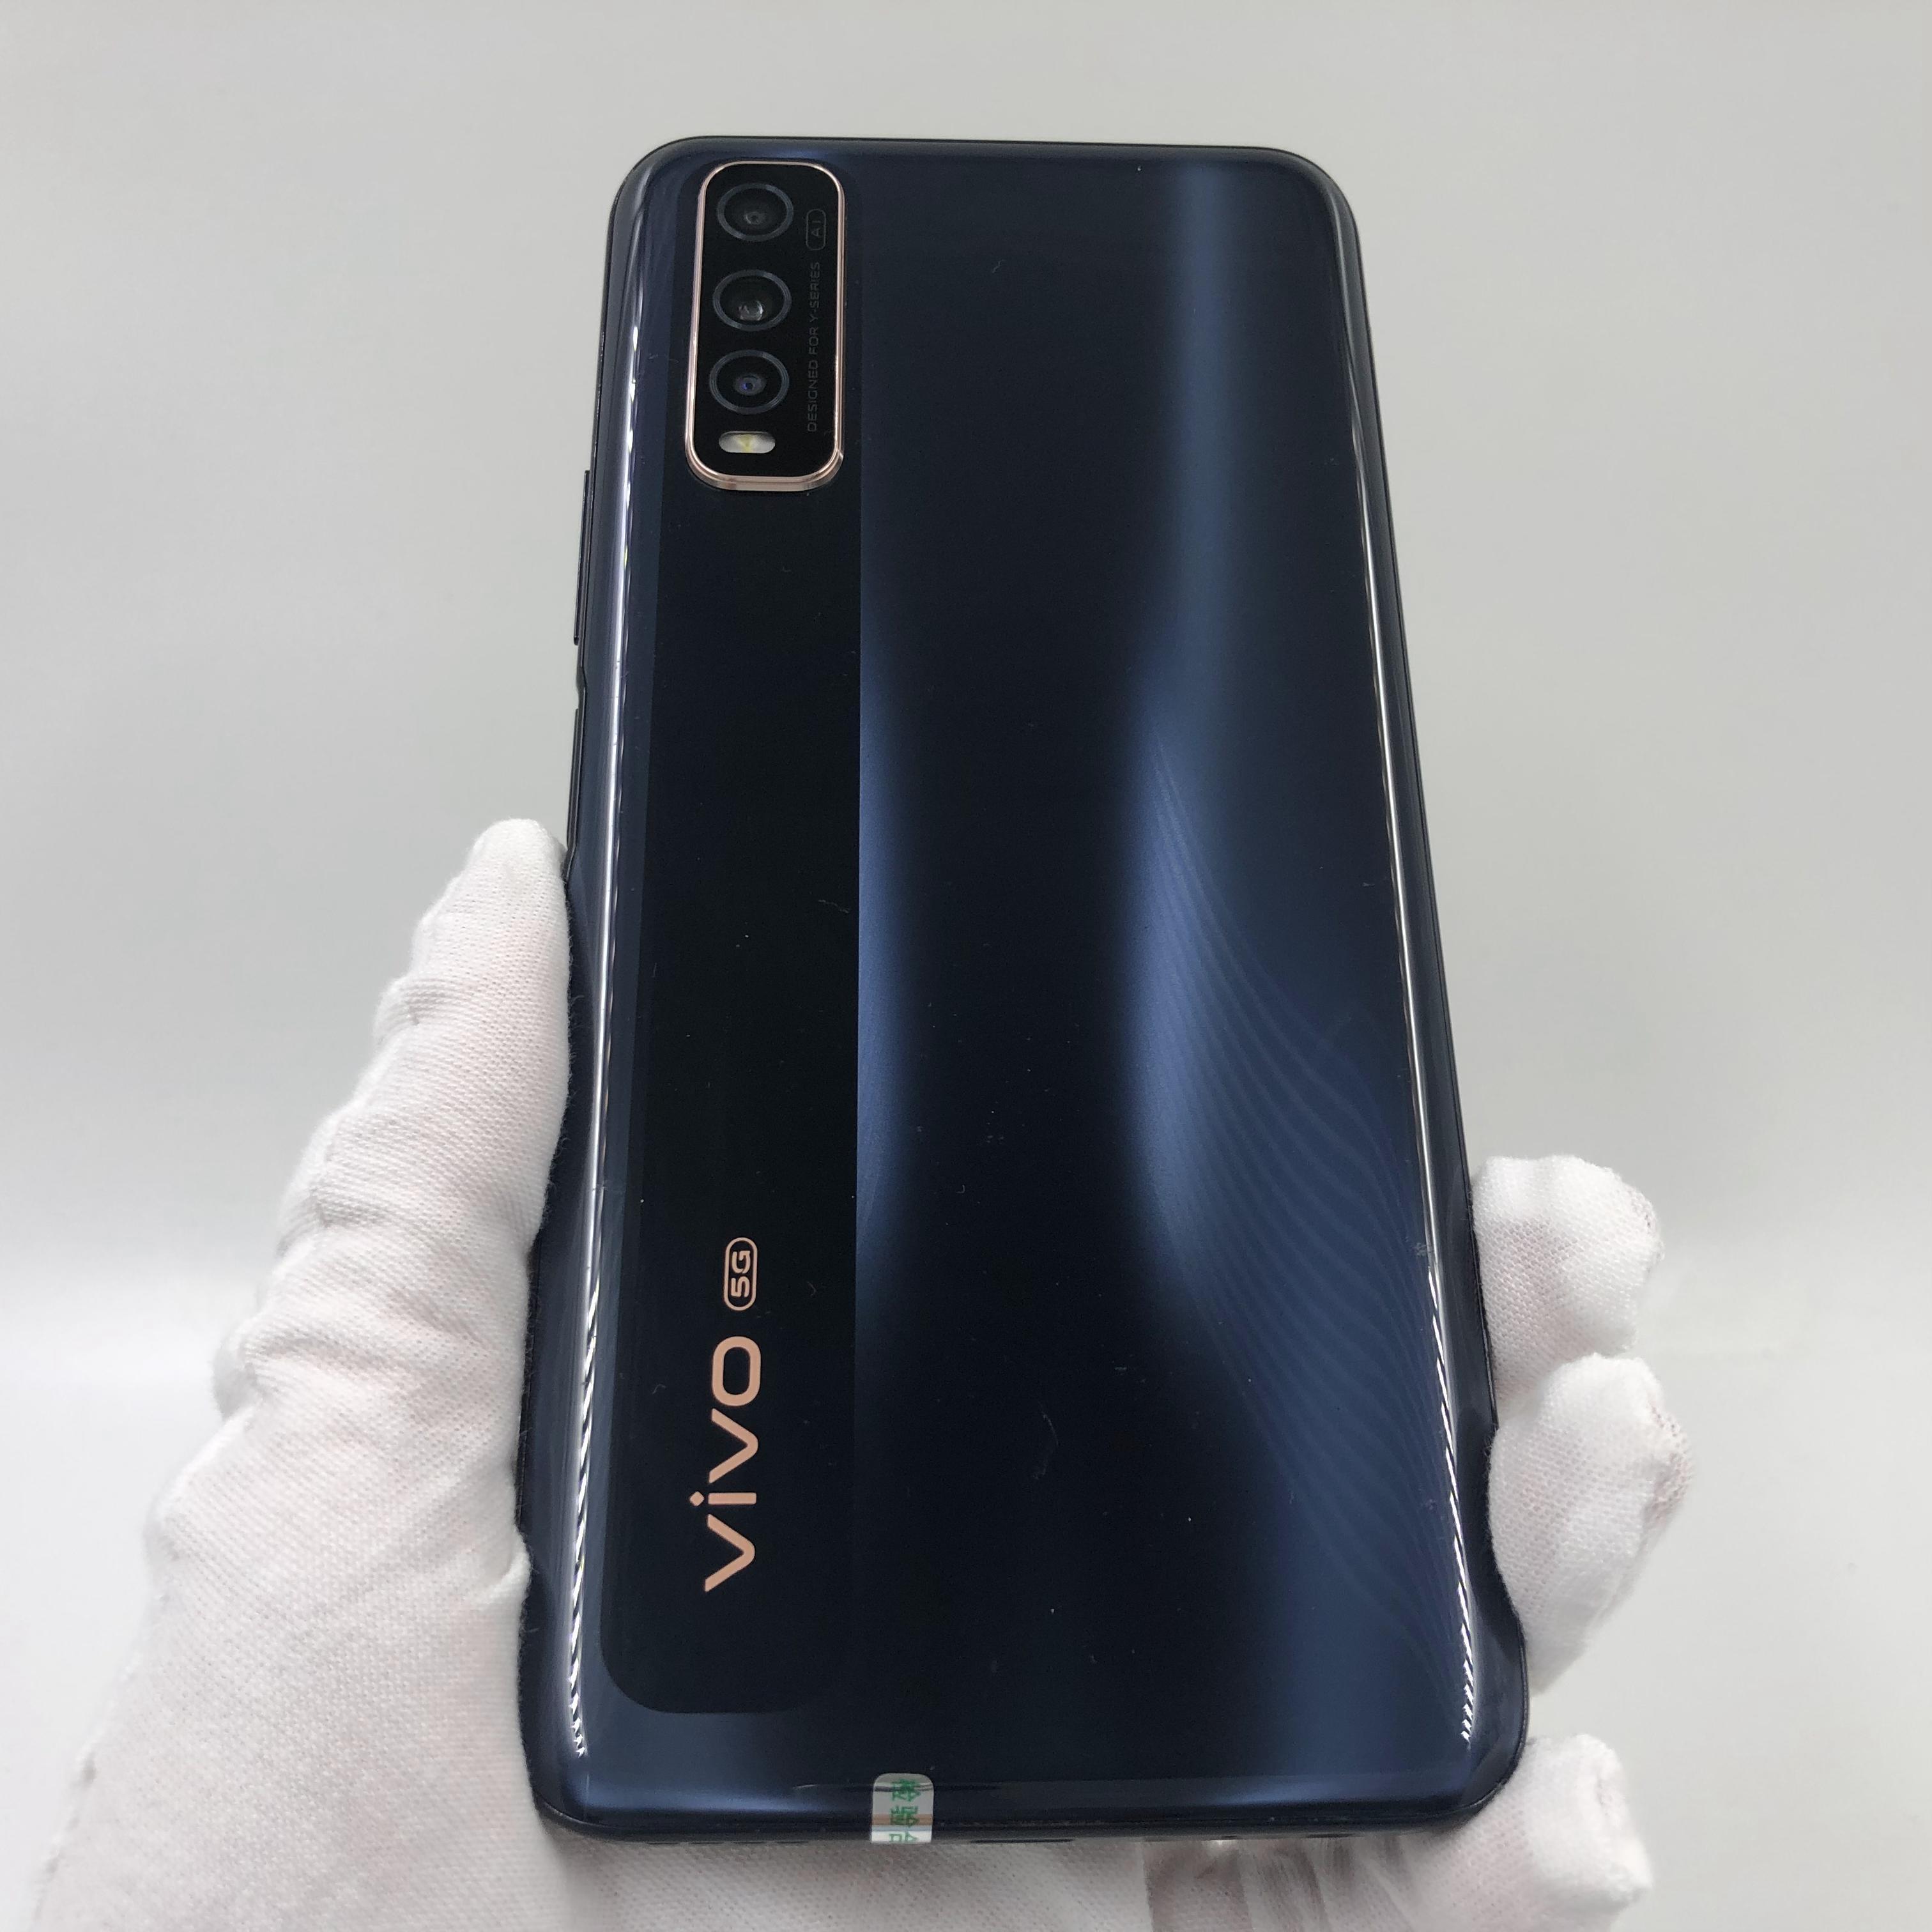 vivo【Y70s 5G】5G全网通 月影黑 8G/128G 国行 9成新 真机实拍